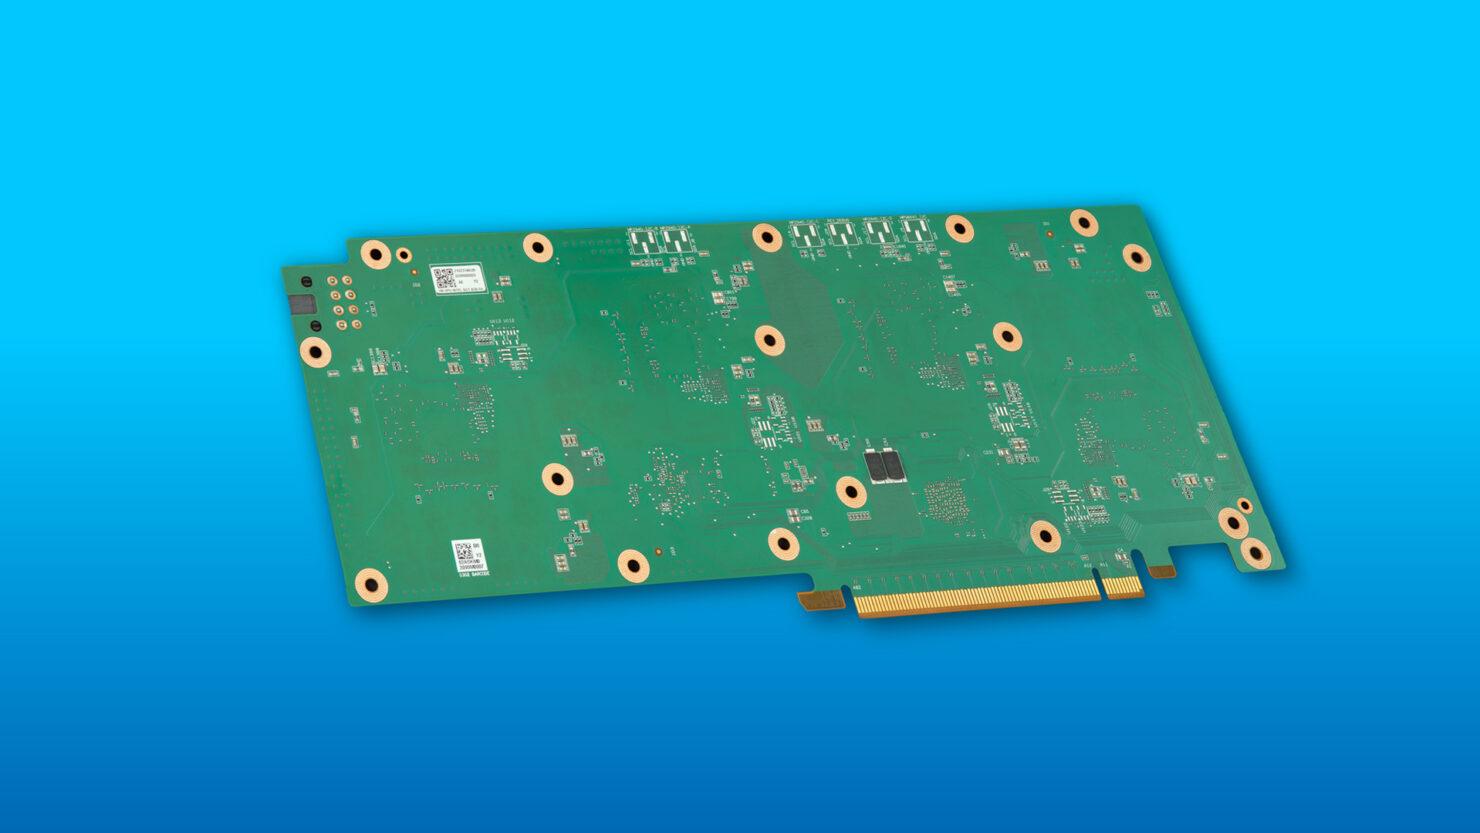 h3c-xg320-pcie-card-back-board